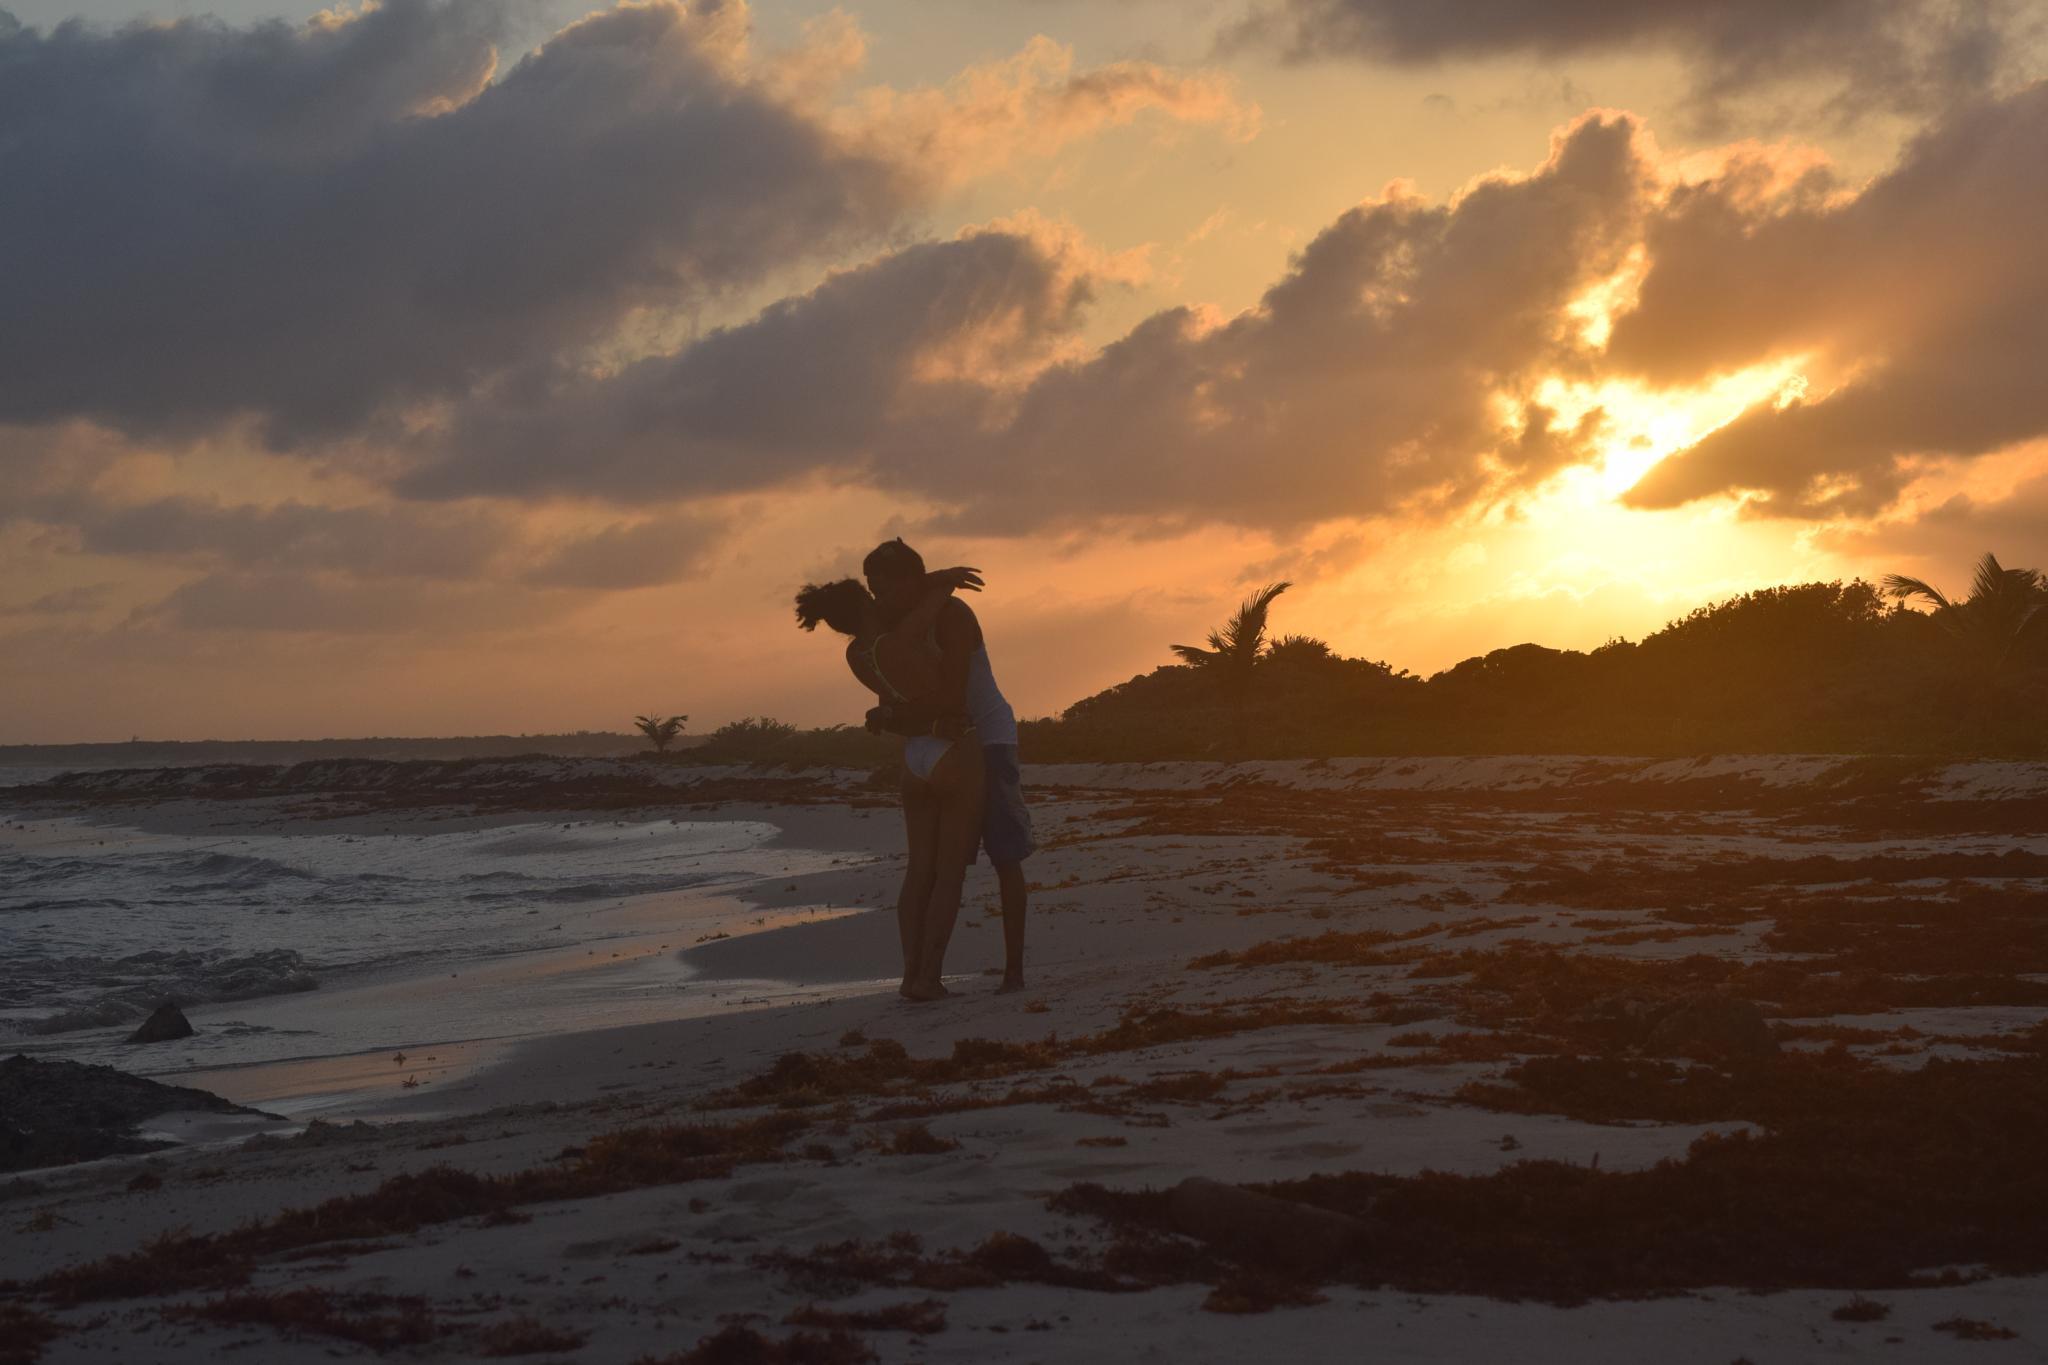 Alone on the Beach by Bailey Rachelle